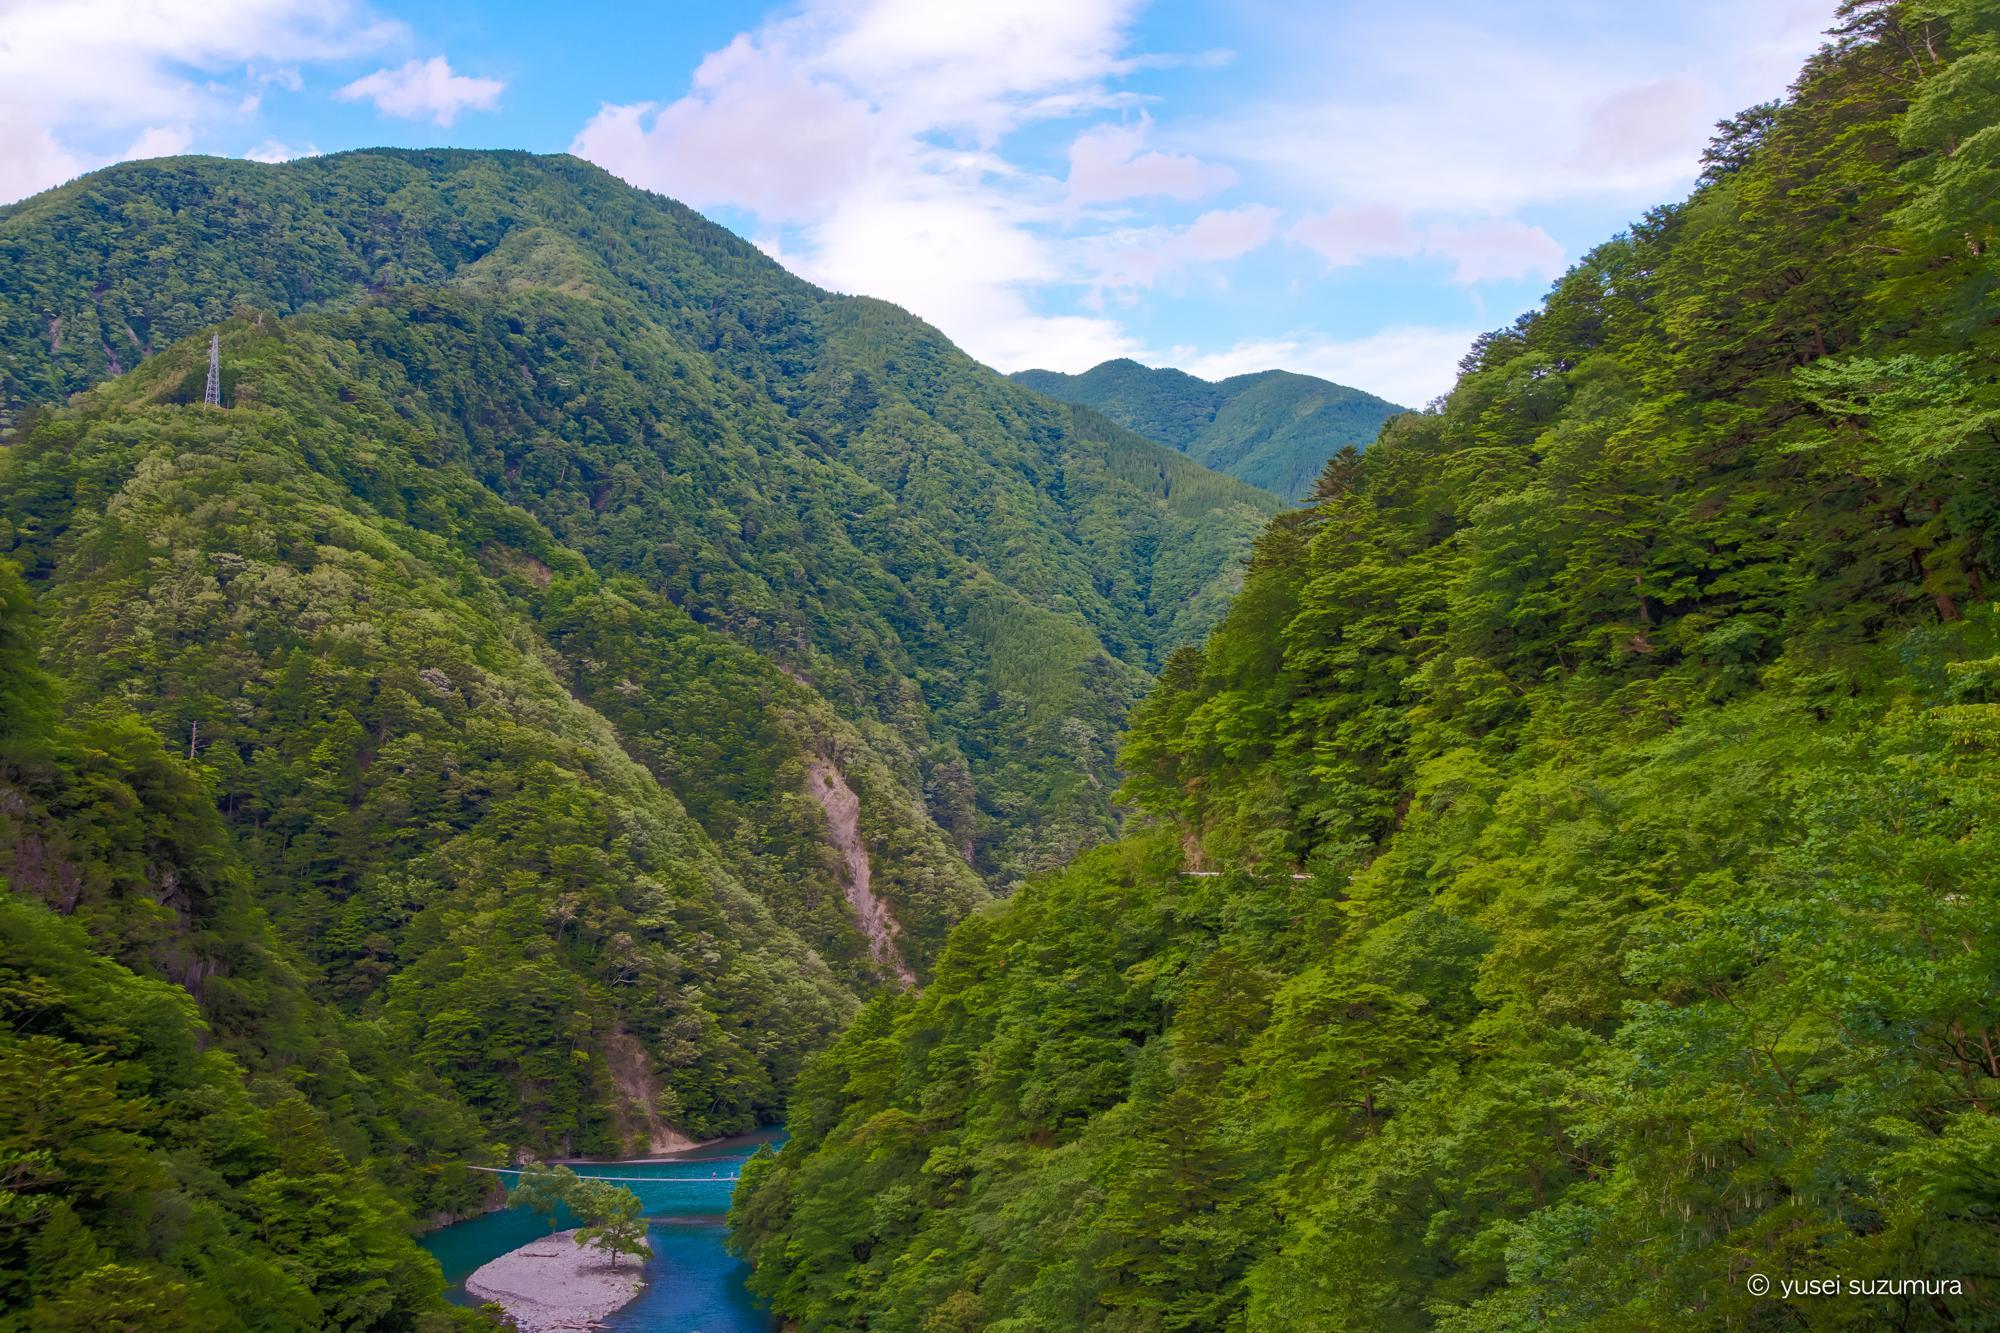 大井川鐵道のSLと寸又峡の夢の吊り橋